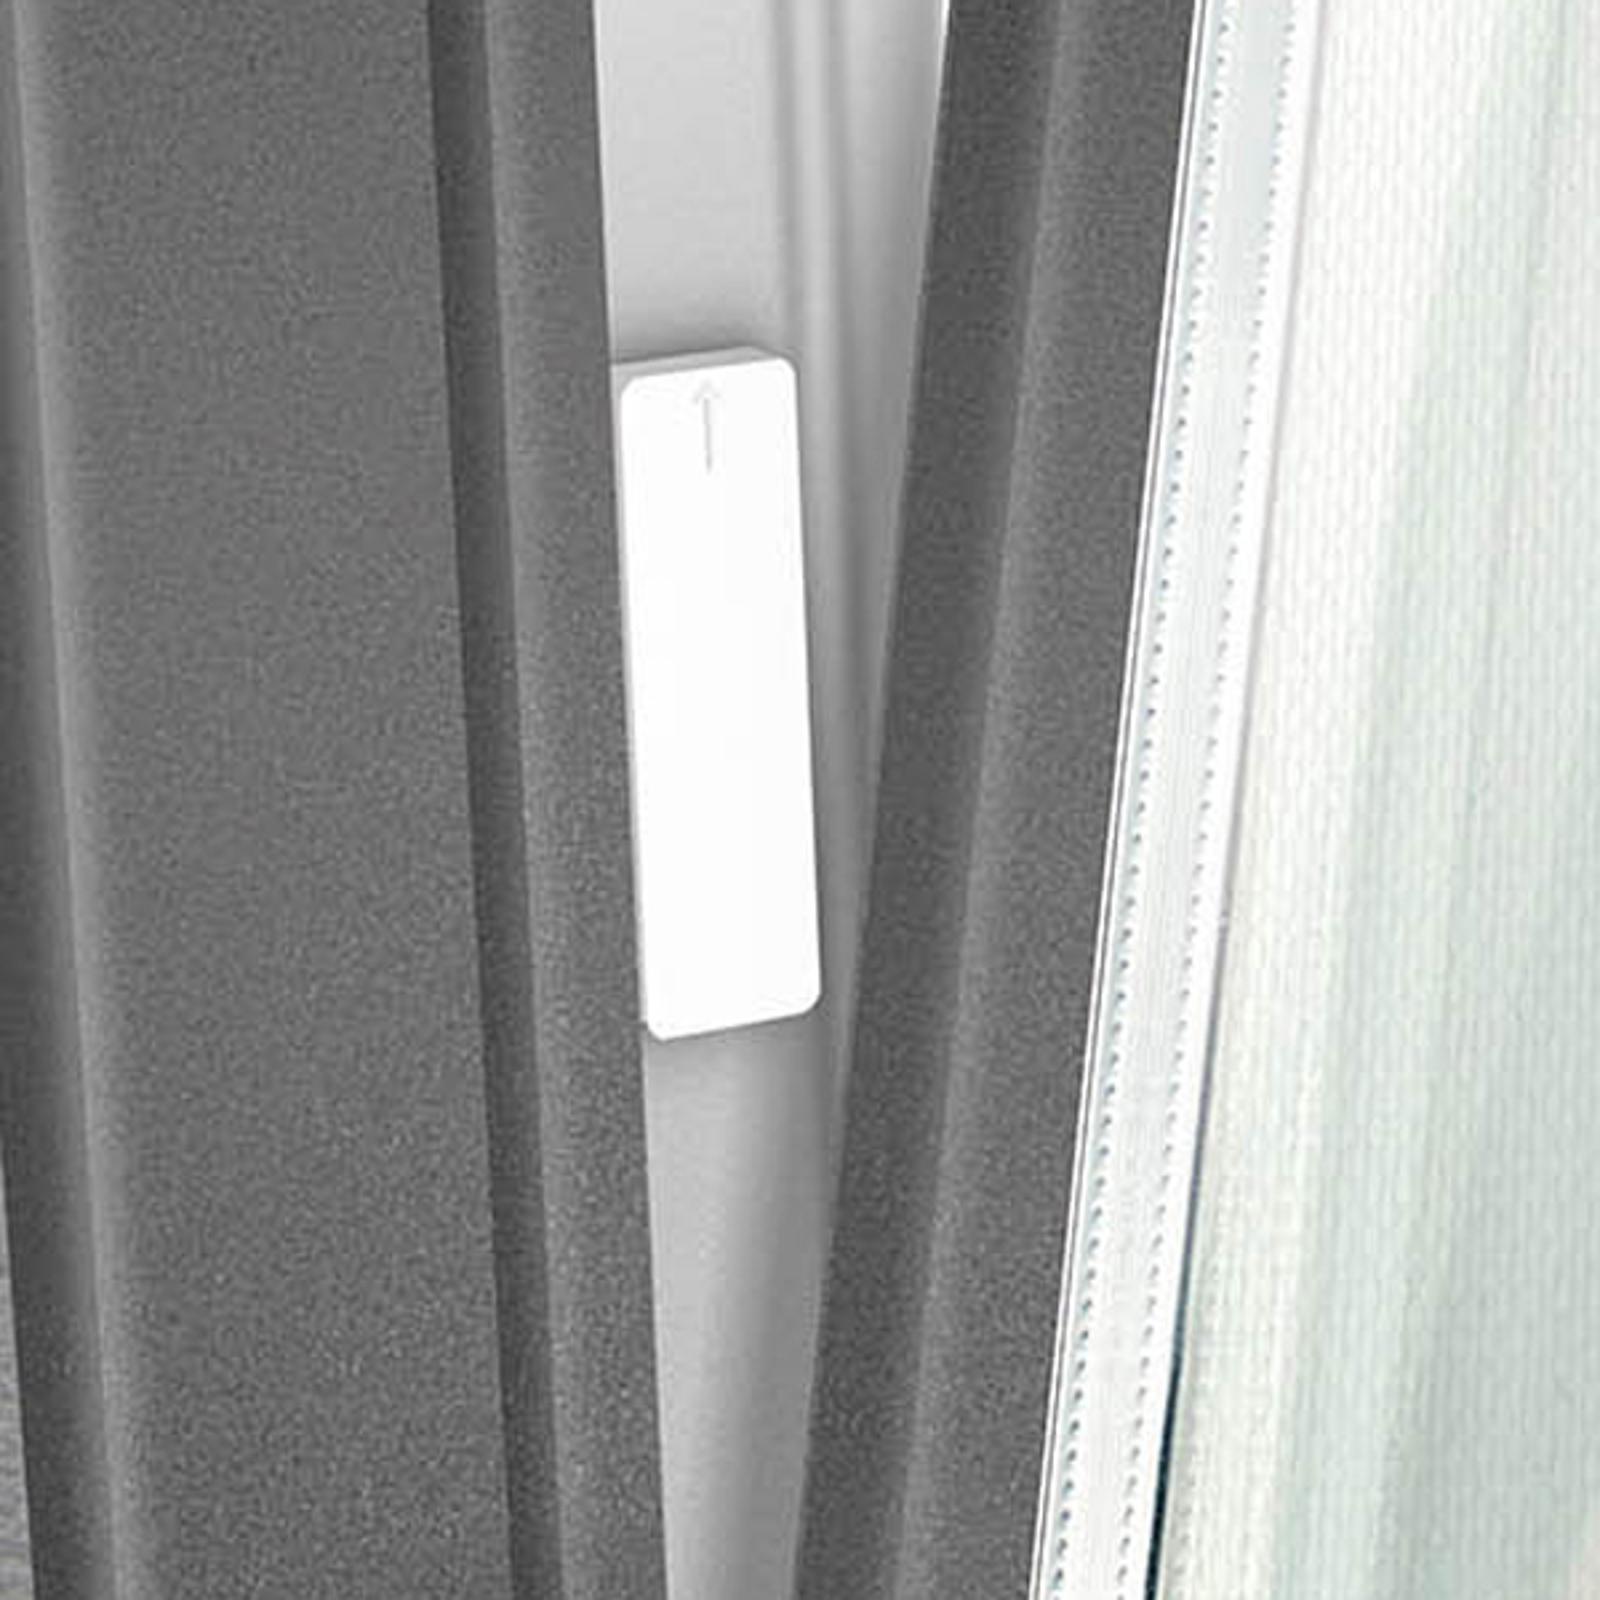 Rademacher DuoFern window/door contact_8038022_1